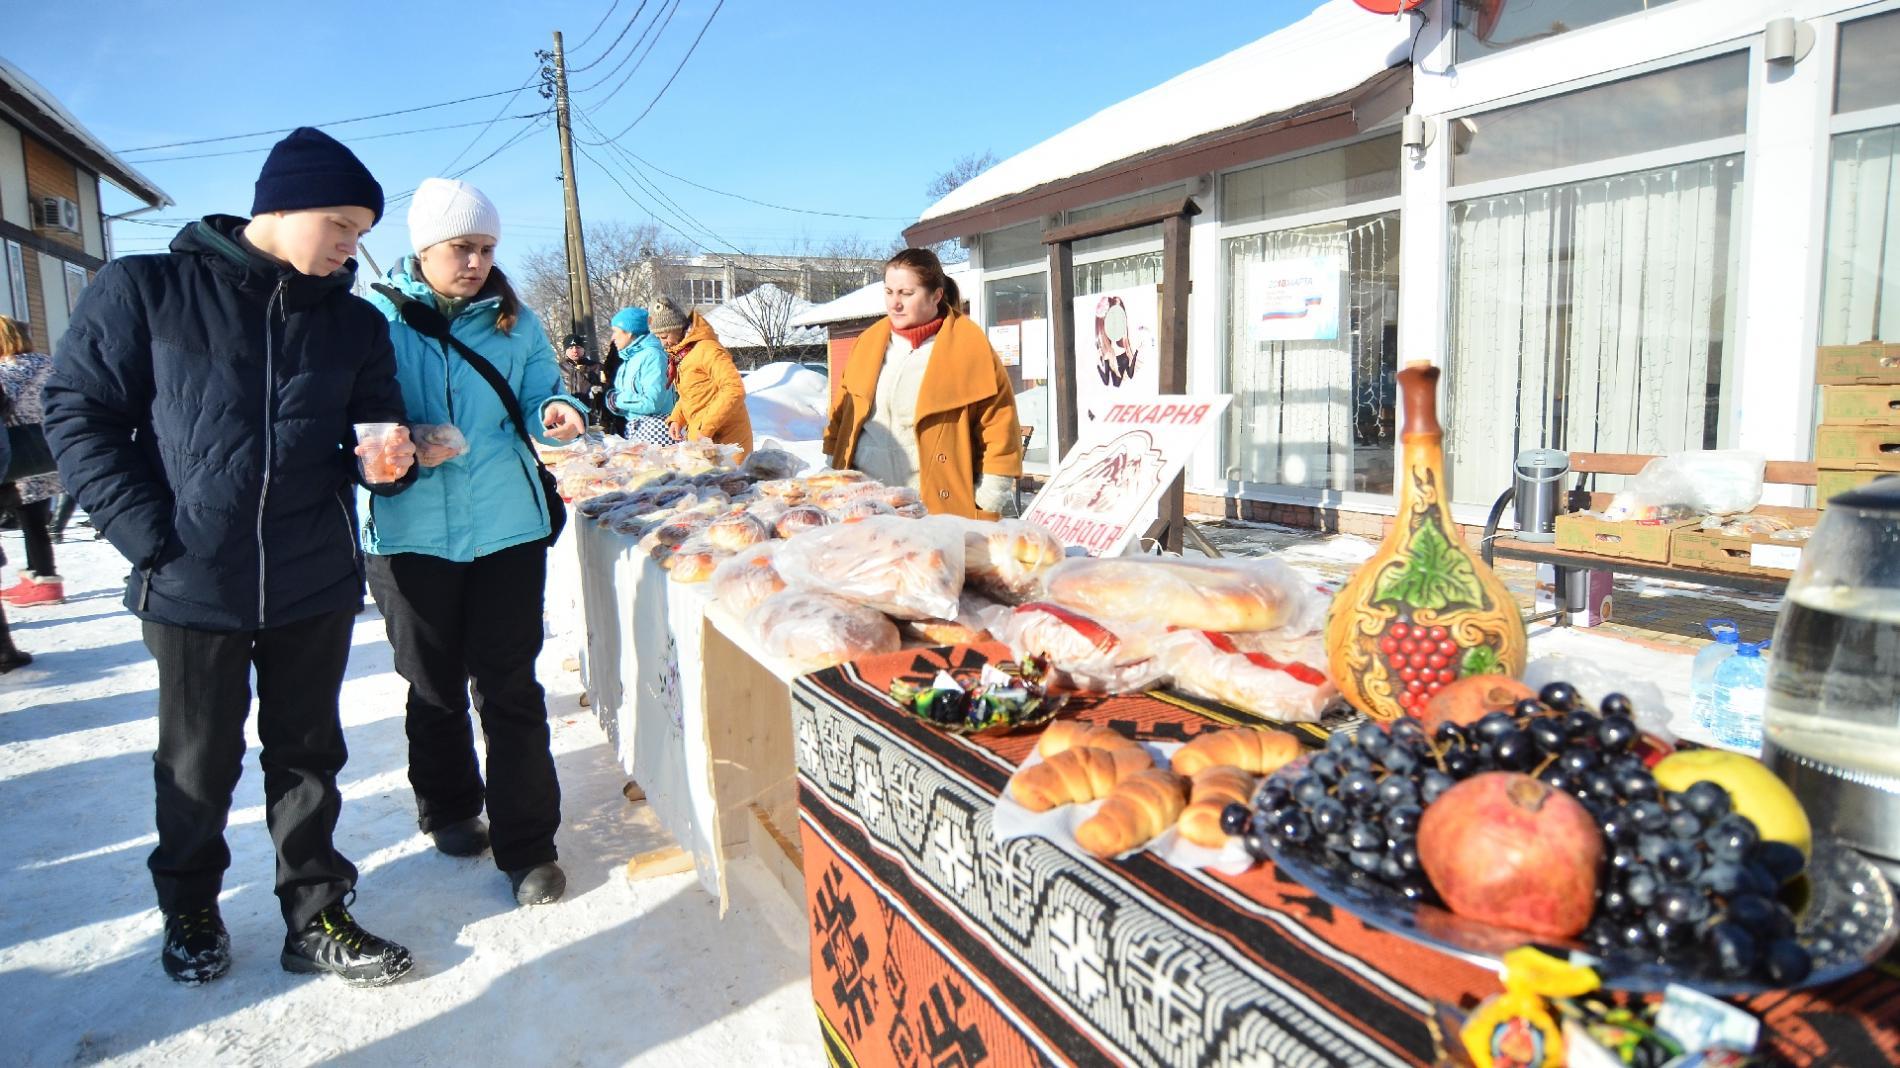 «Вологда хлебосольная» угощала сегодня национальными блюдами и творческими изысками